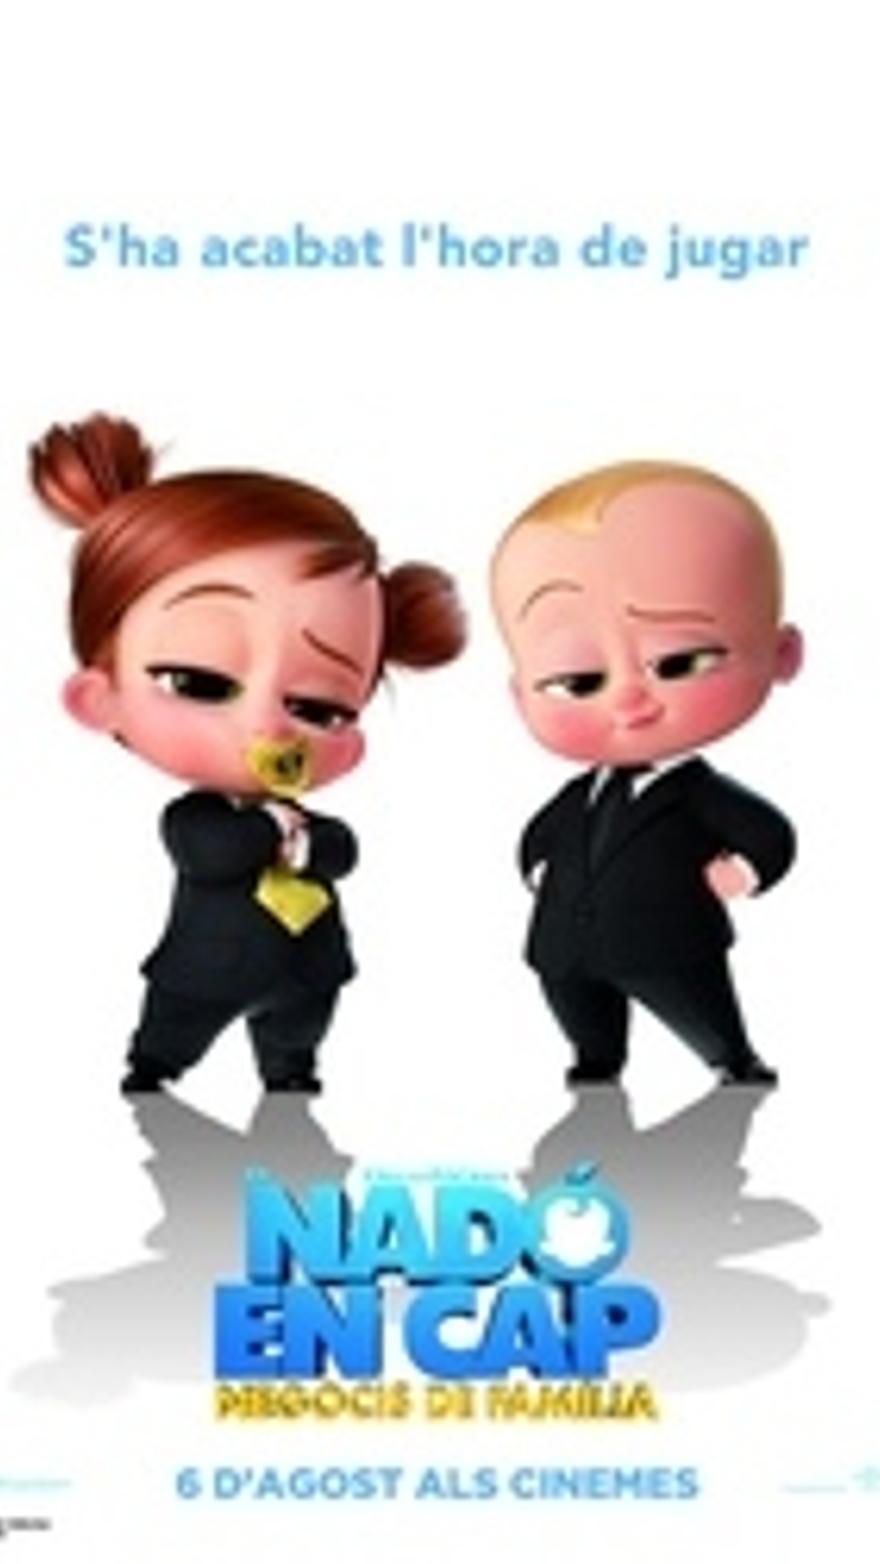 El nadó en cap: Negocis de família